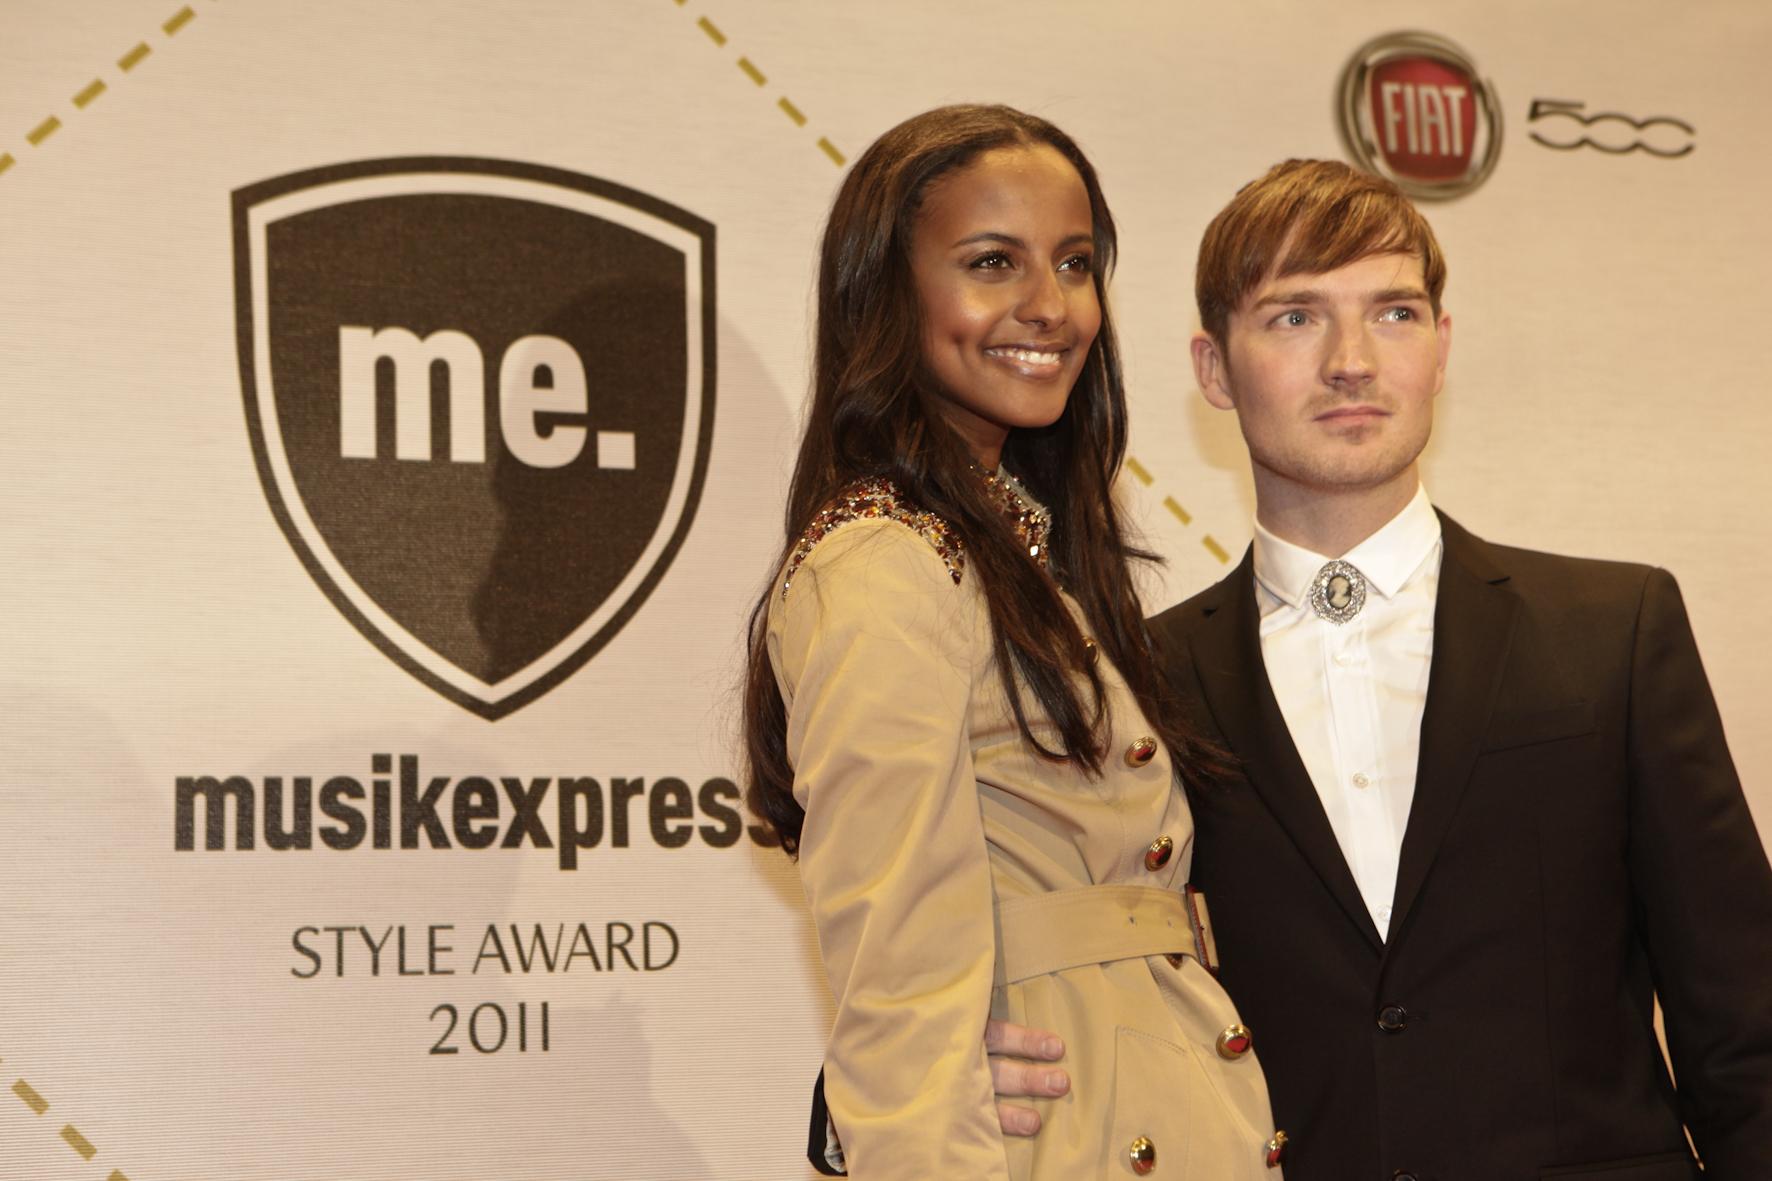 Germany's Next Top Model Sara Nuru mit The-Feeling-Sänger Dan Gillespie Sells